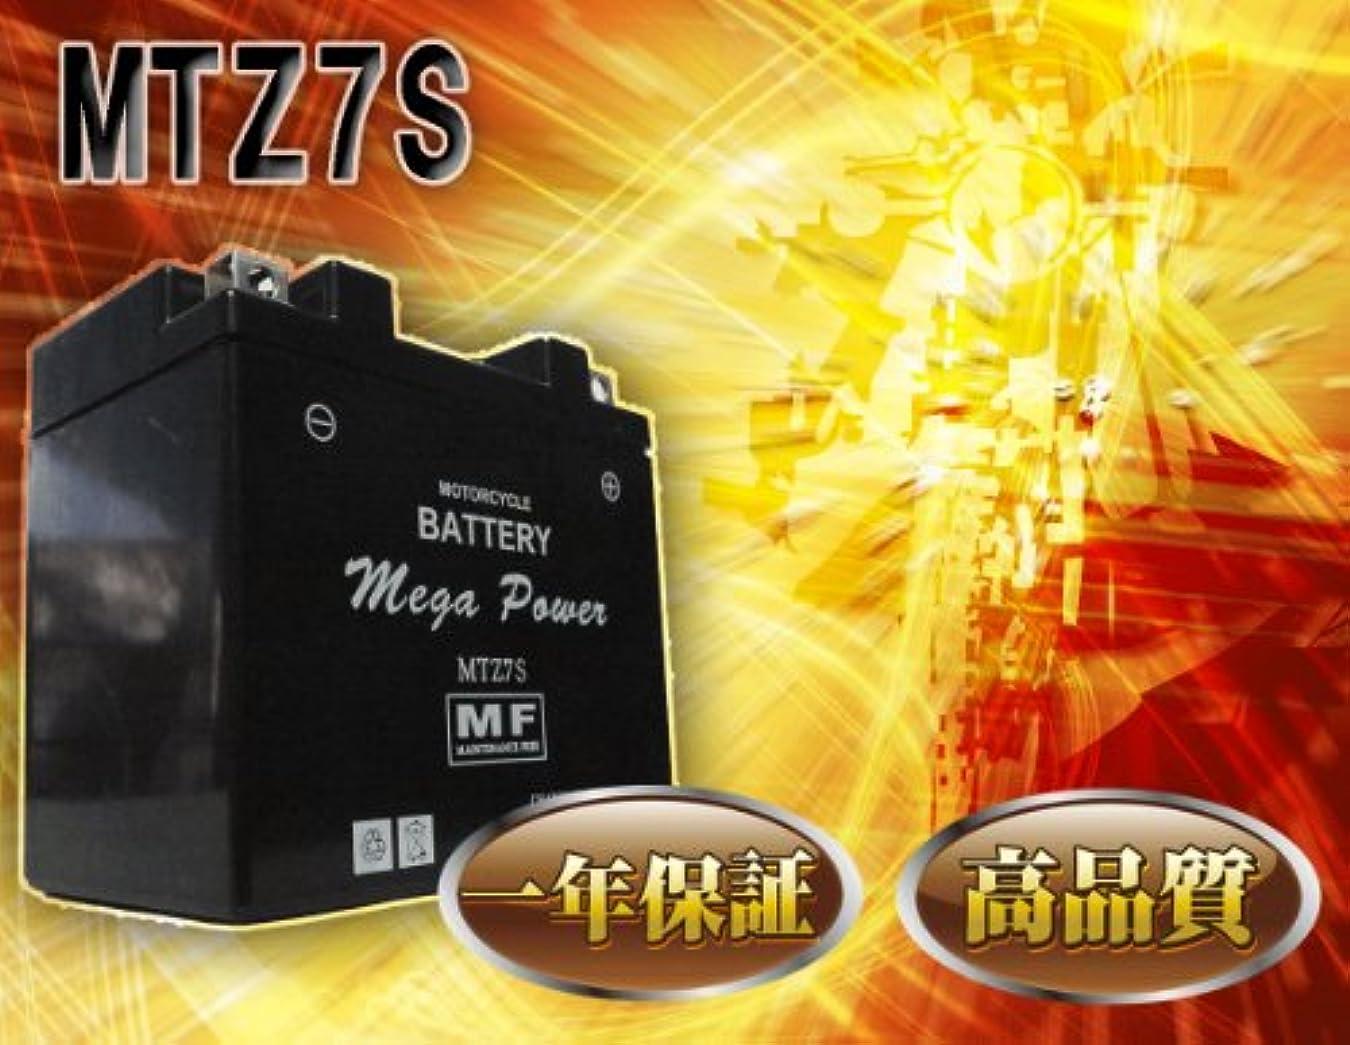 フィルタセラーバイク バッテリー ZOOMER(ズーマー) デラックス 型式 BA-AF58/JBH-AF58 一年保証 MTZ7S 密閉式